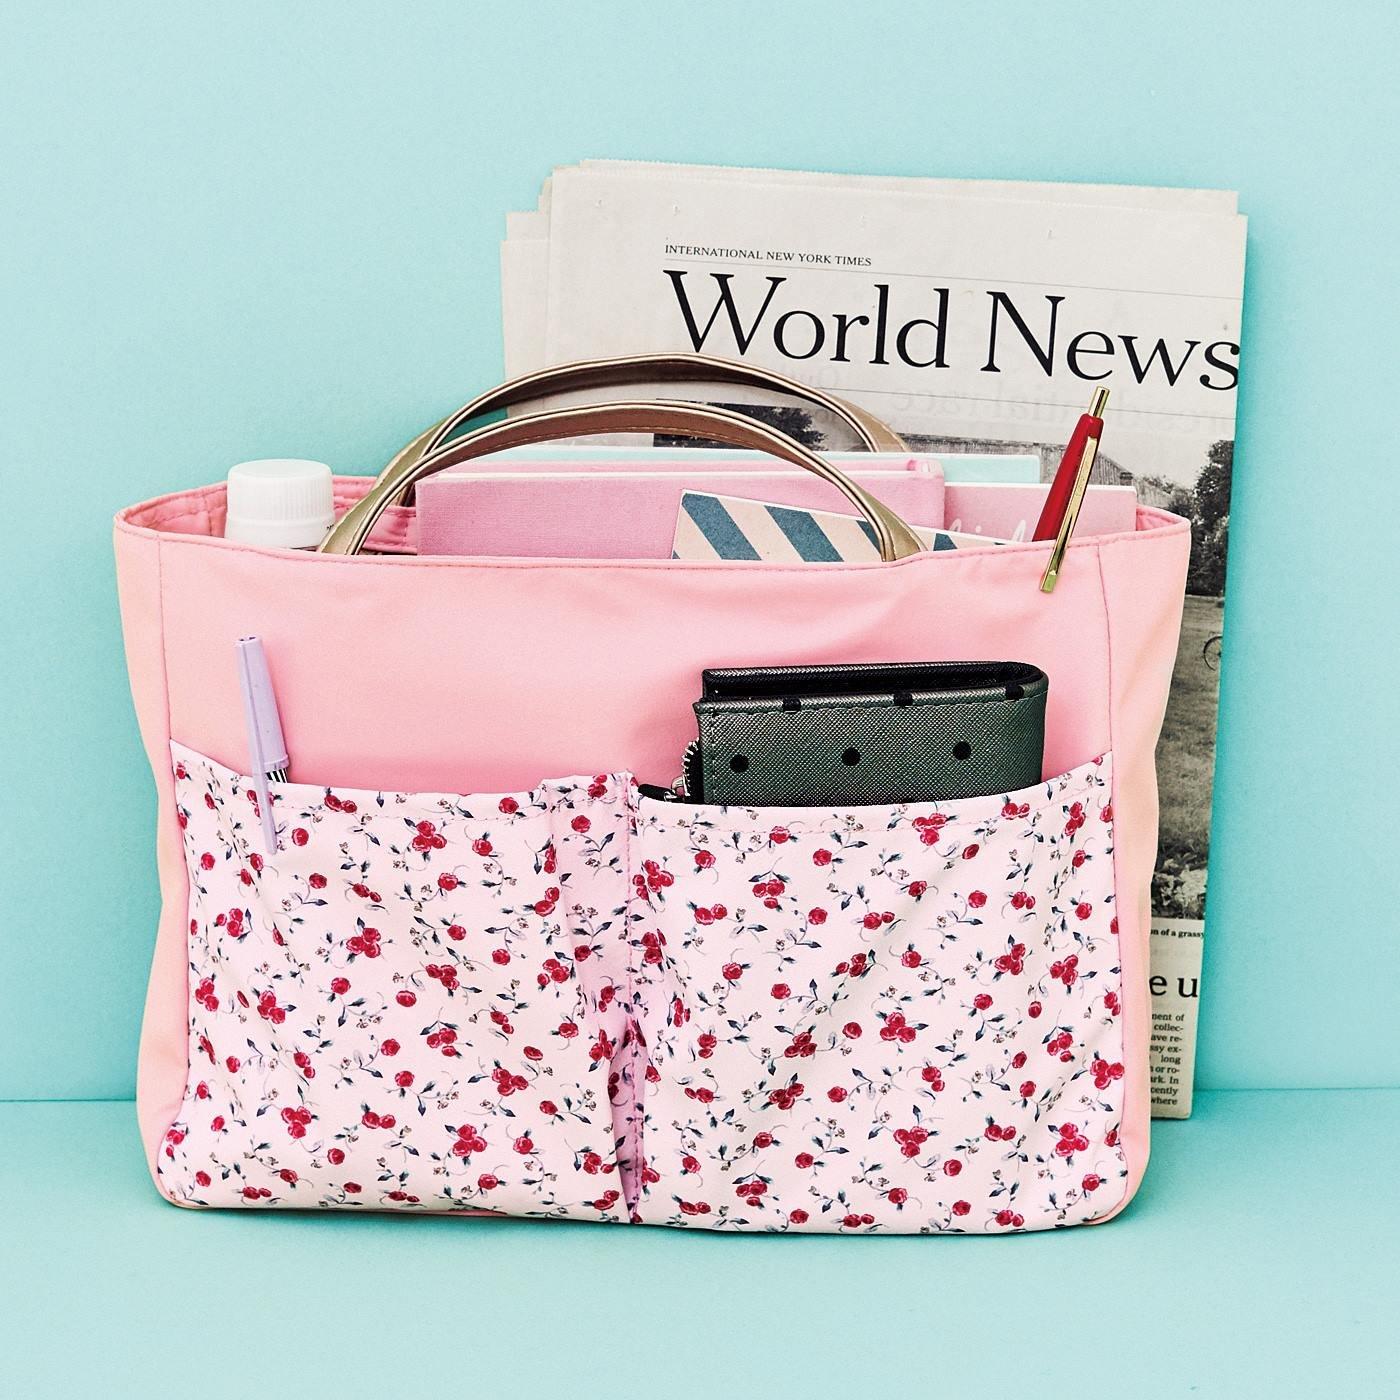 持ち手が伸びてトートバッグに変身! かばんの中を美しく整える インナーバッグの会